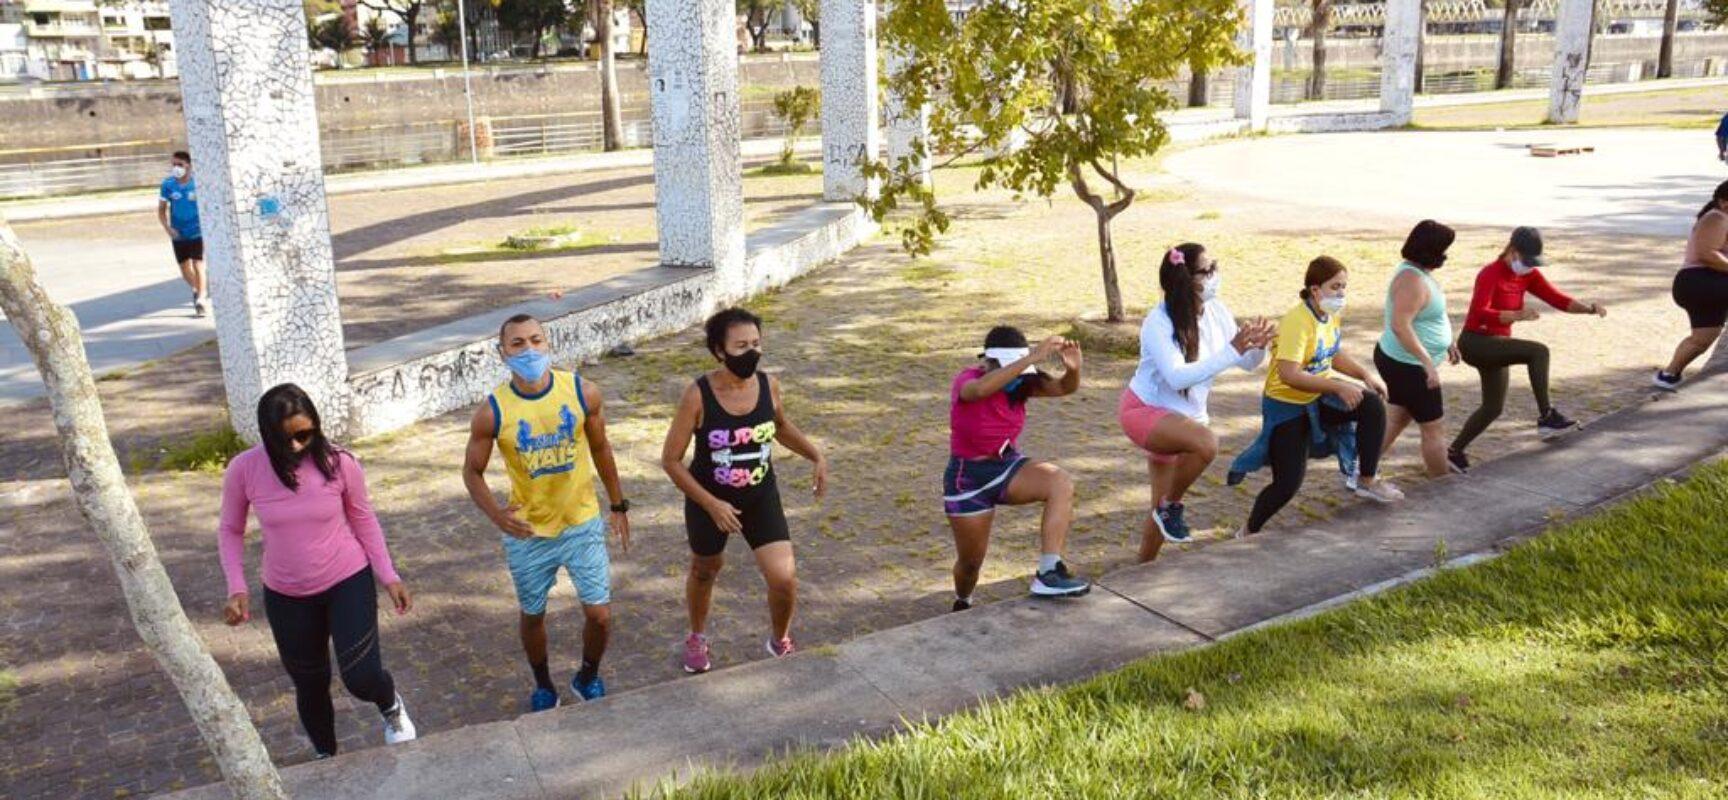 Prefeitura leva atividades esportivas para a Avenida Beira-rio domingo em Itabuna